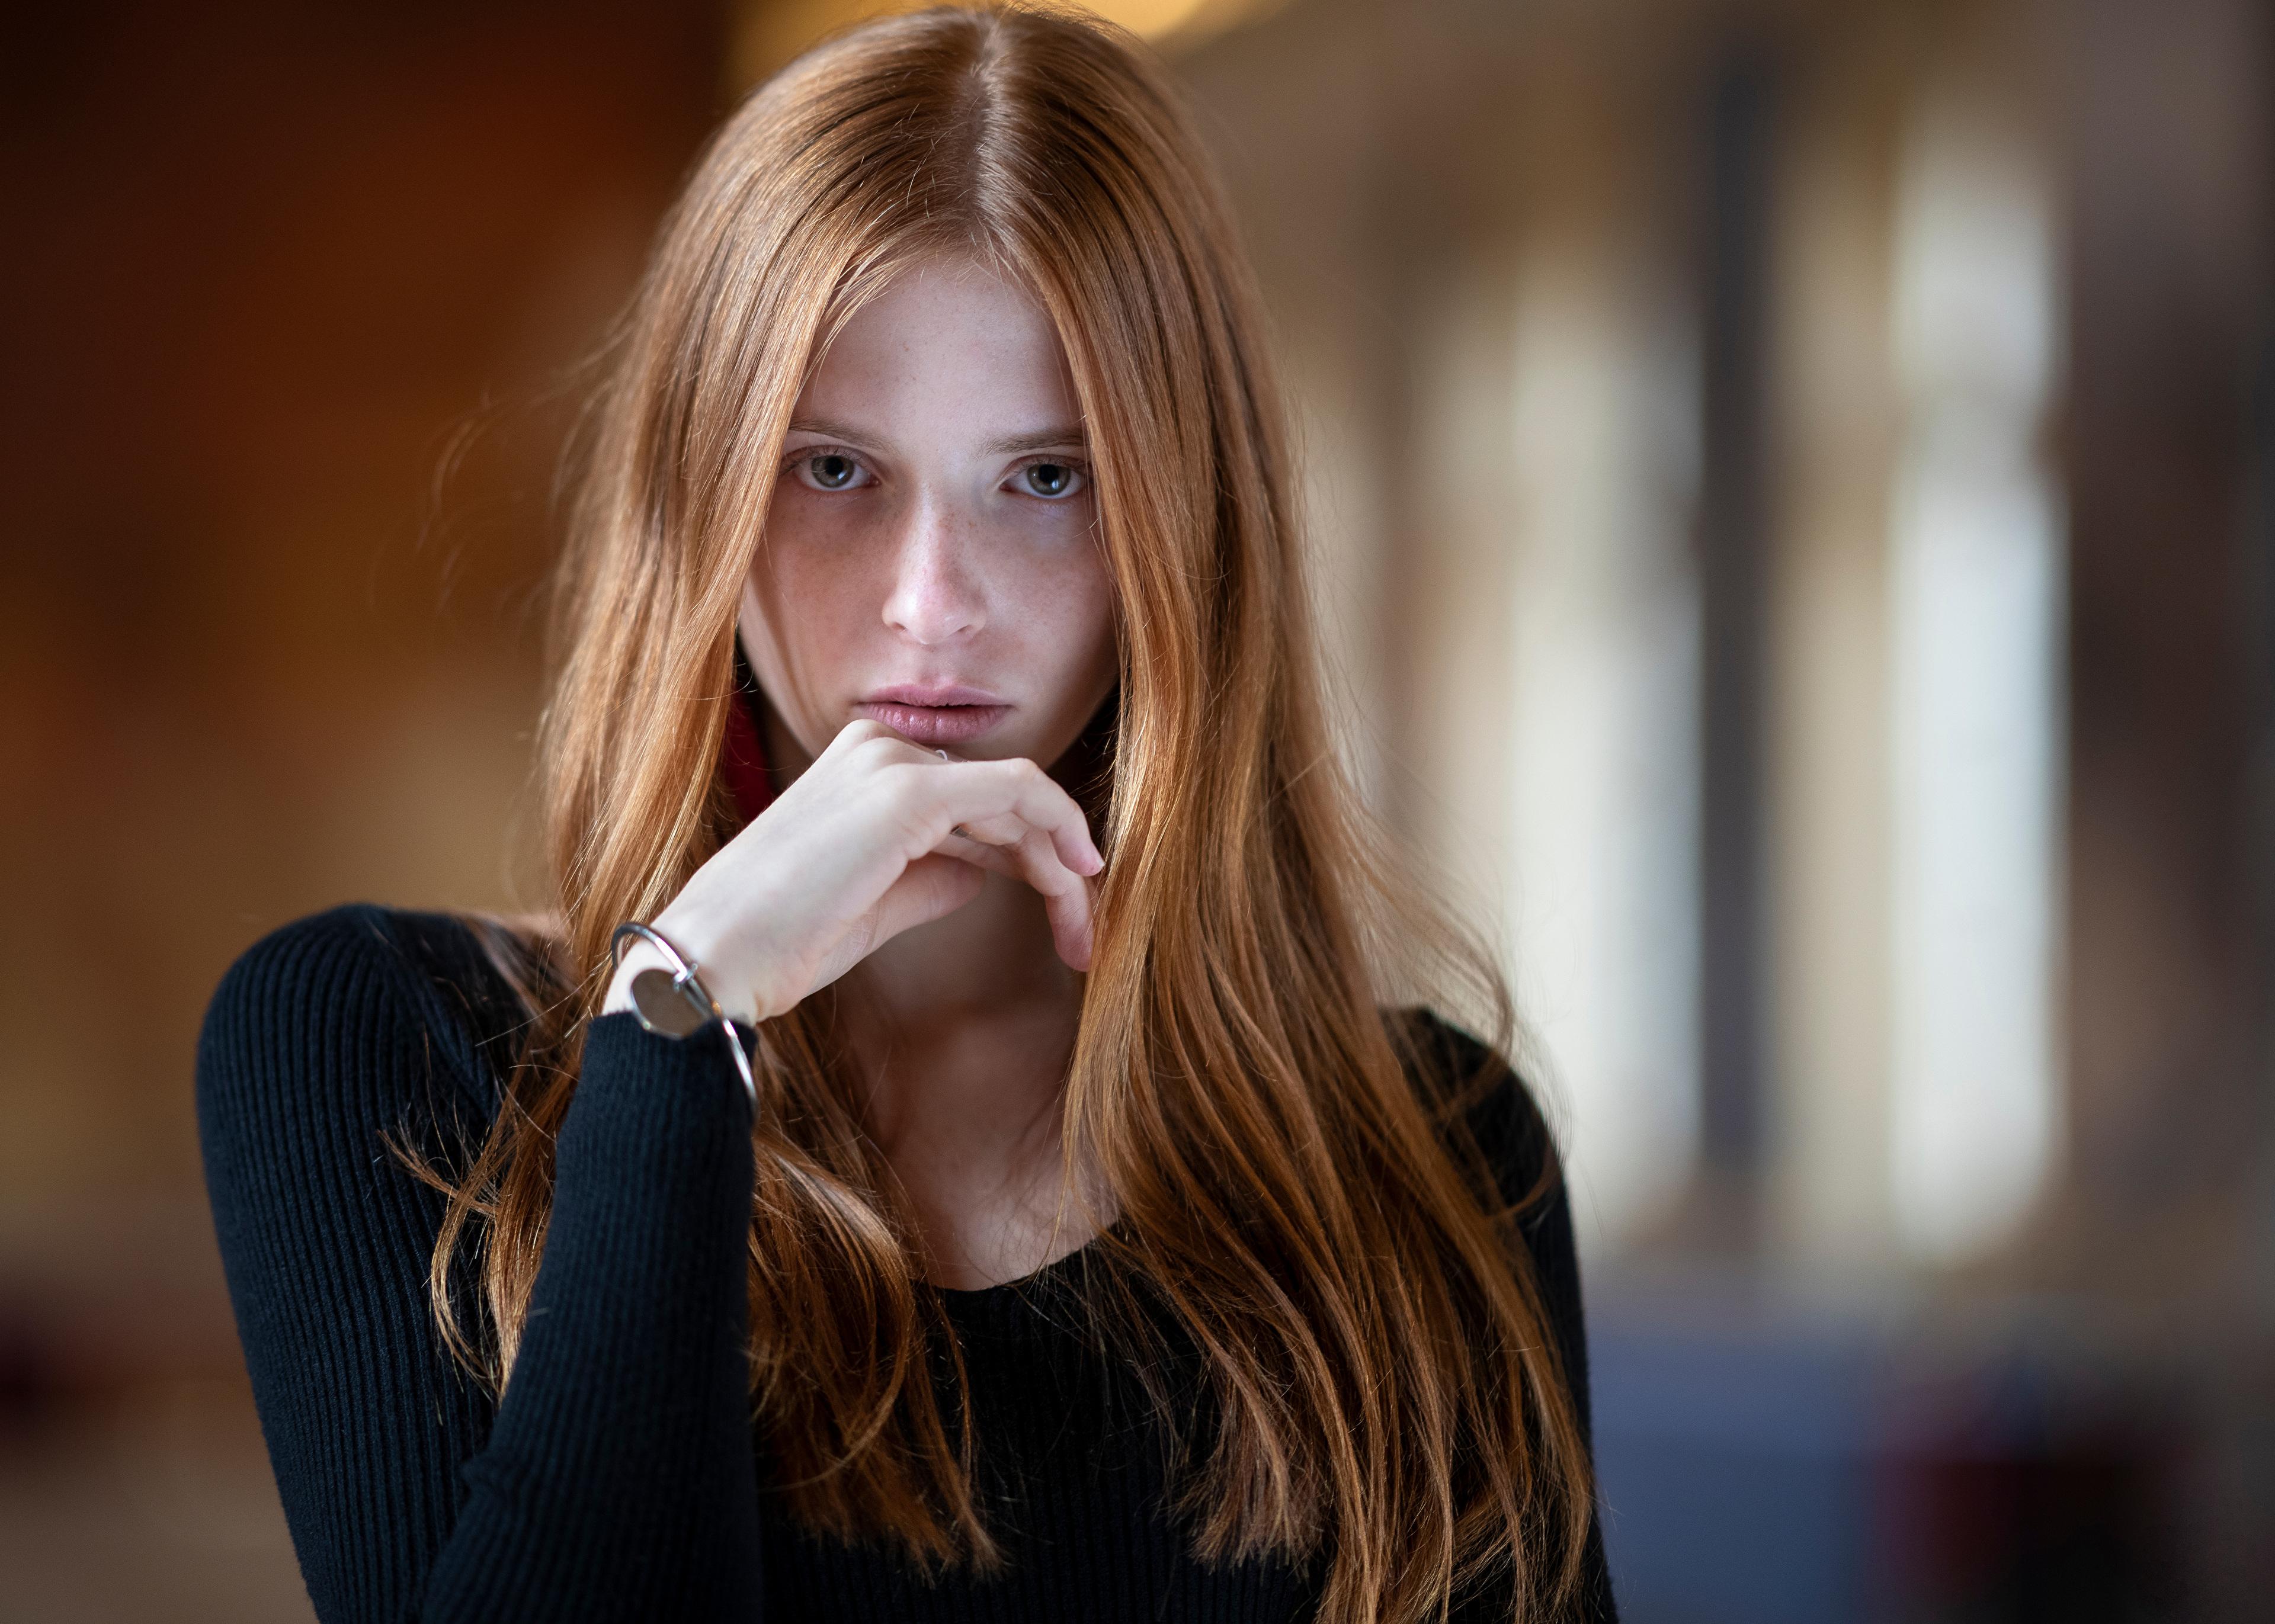 Bilder von Braunhaarige unscharfer Hintergrund Haar junge Frauen Hand Starren Braune Haare Bokeh Mädchens junge frau Blick